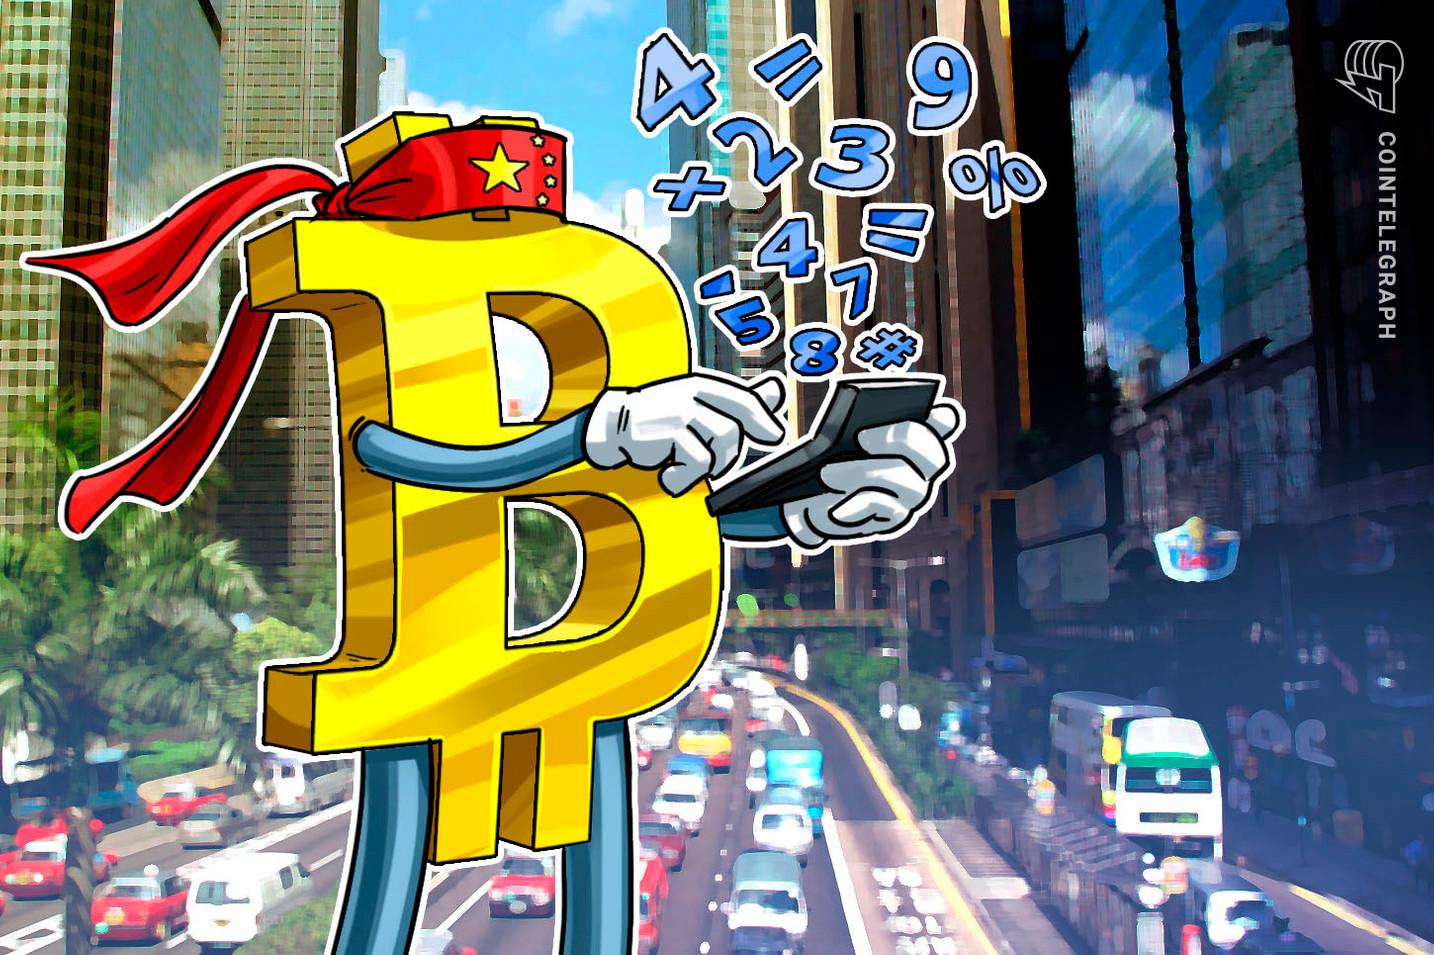 ¿Otra burbuja? Los máximos del precio de Bitcoin siguen los ciclos de la deuda china, según un nuevo estudio